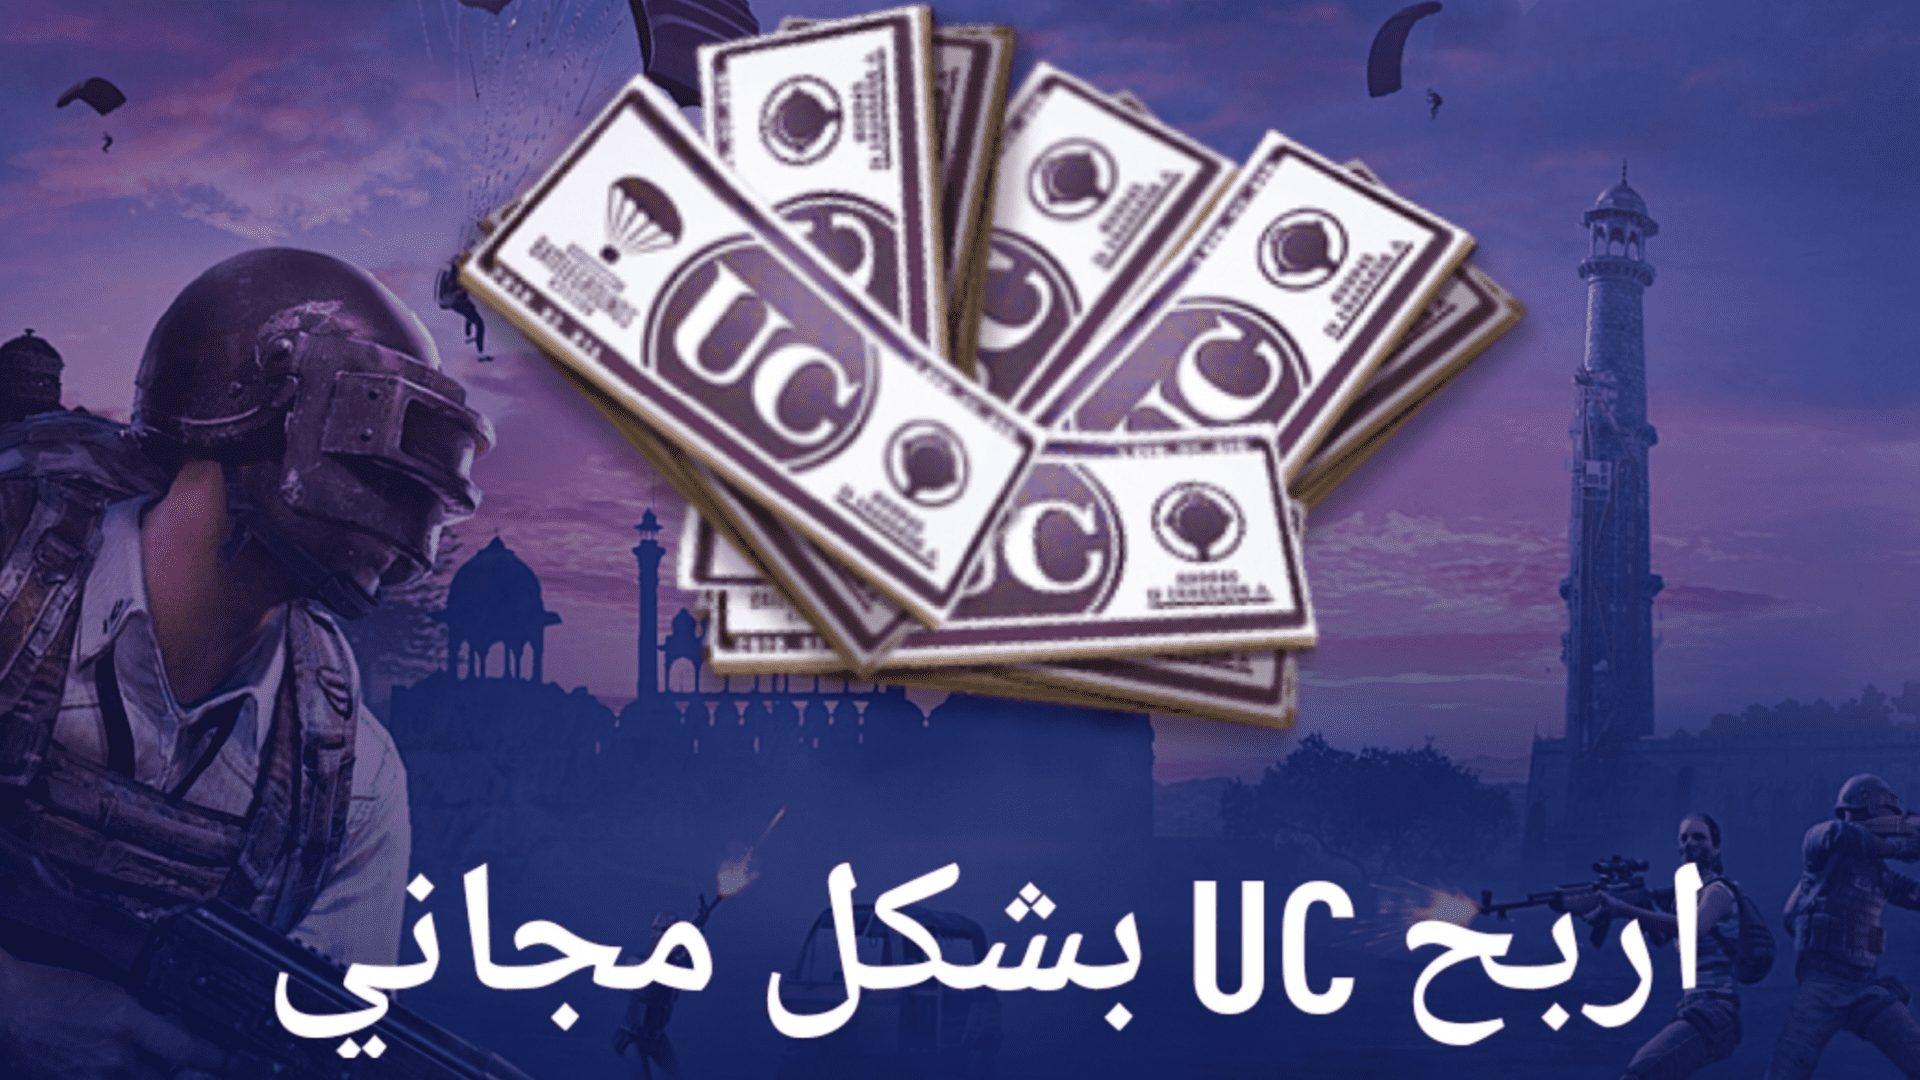 شحن pubg uc free كل يوم أربح UC بشكل مجاني